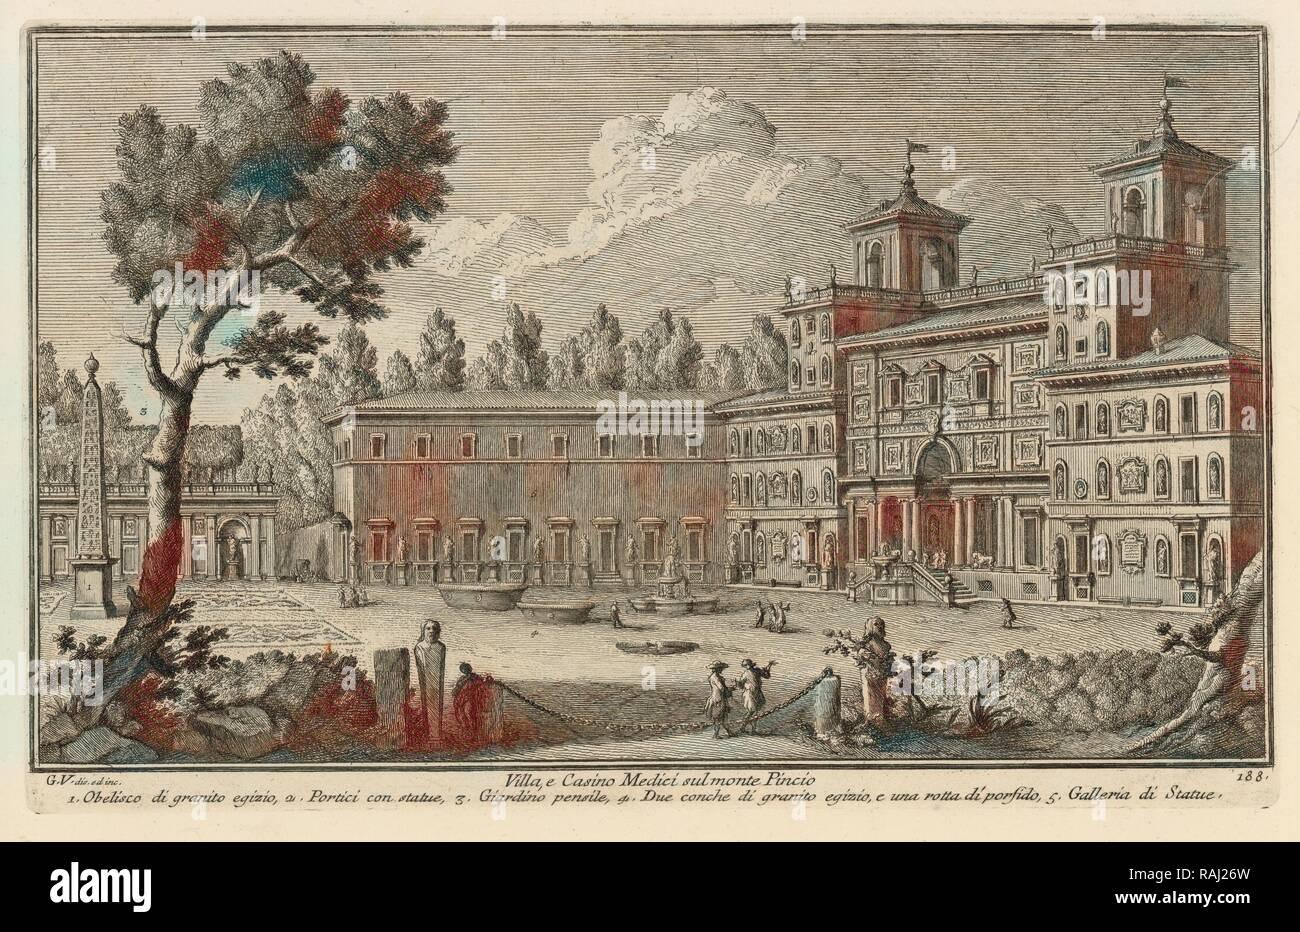 Villa, e Casino Medici sul monte Pincio, Delle magnificenze di Roma antica e moderna, Vasi, Giuseppe, 1710-1782 reimagined - Stock Image